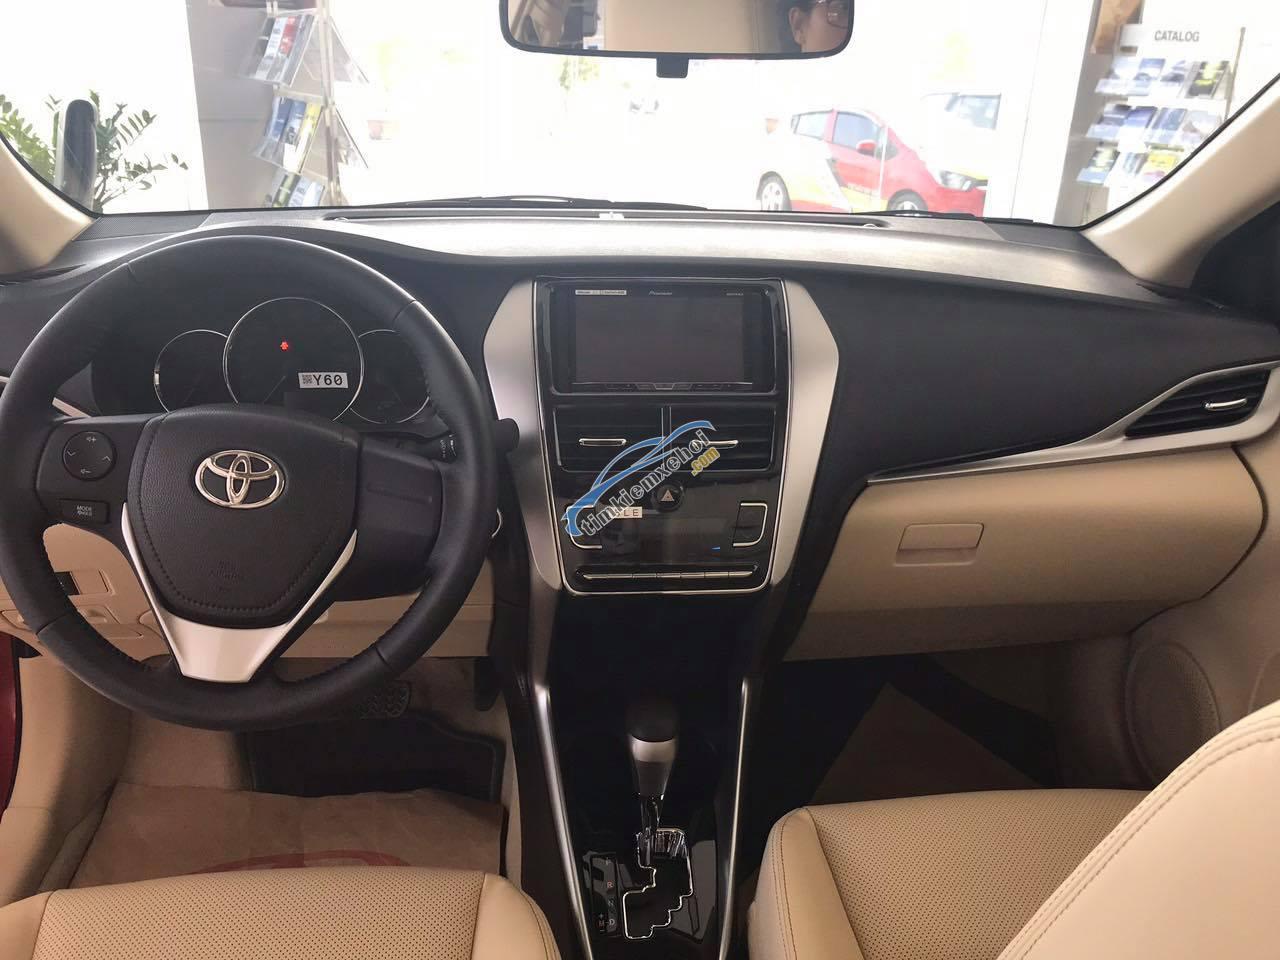 Giá xe Vios 1.5 số tự động tốt nhất tại Nghệ An, đủ màu, giao ngay chỉ 120 triệu, LH 0931 399 886